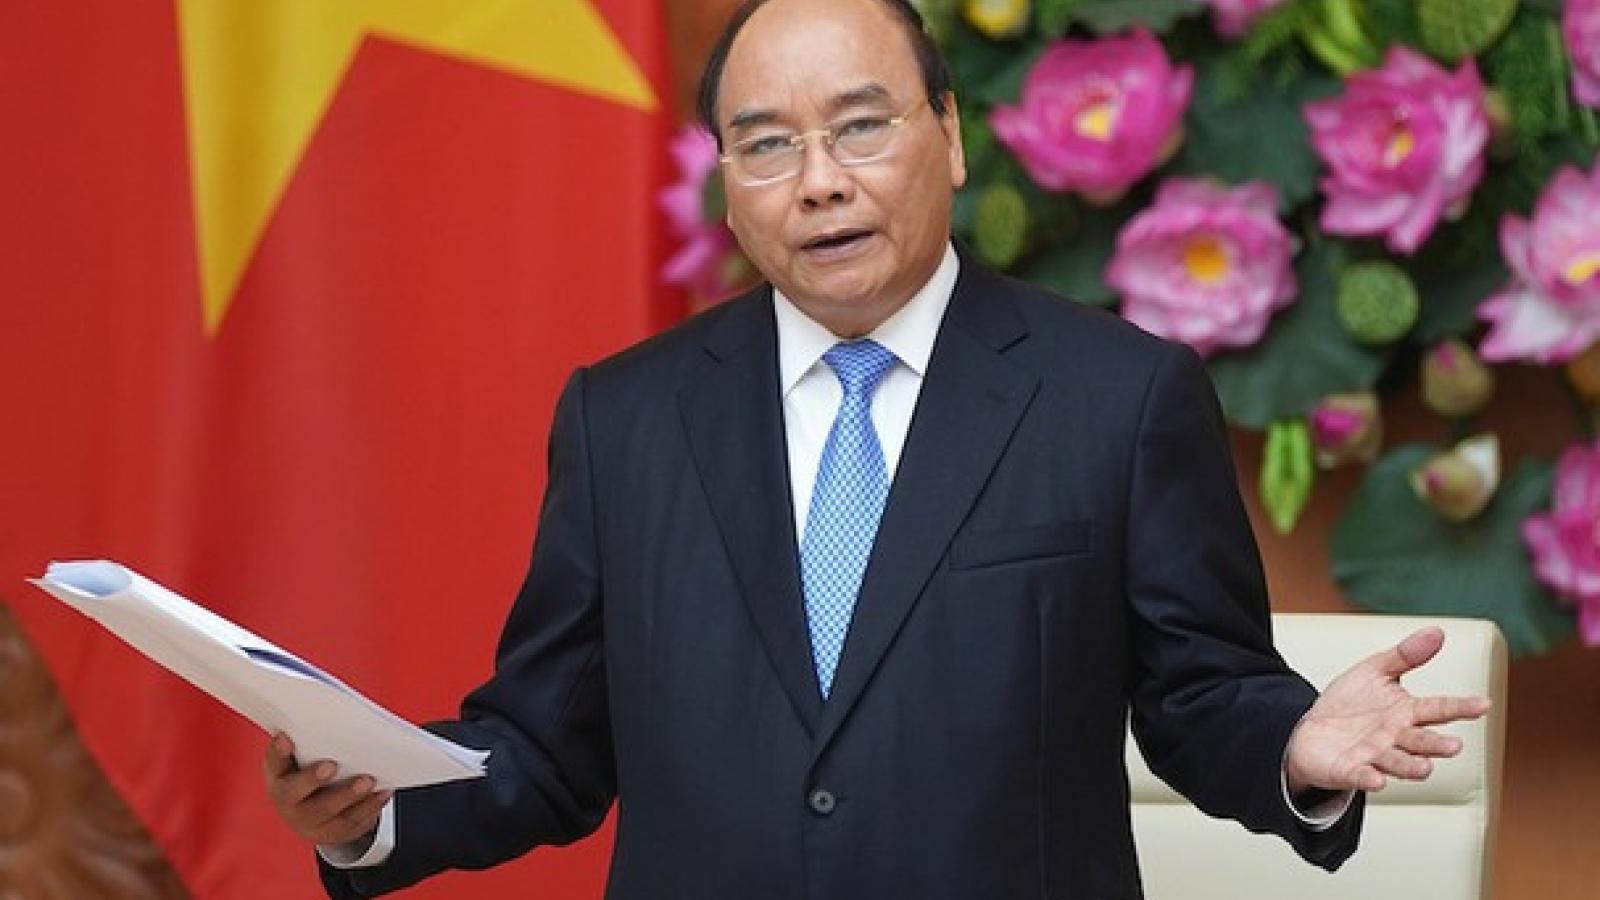 Thủ tướng: Không được để xảy ra tình trạng lãng phí vốn Nhà nước ở các dự án